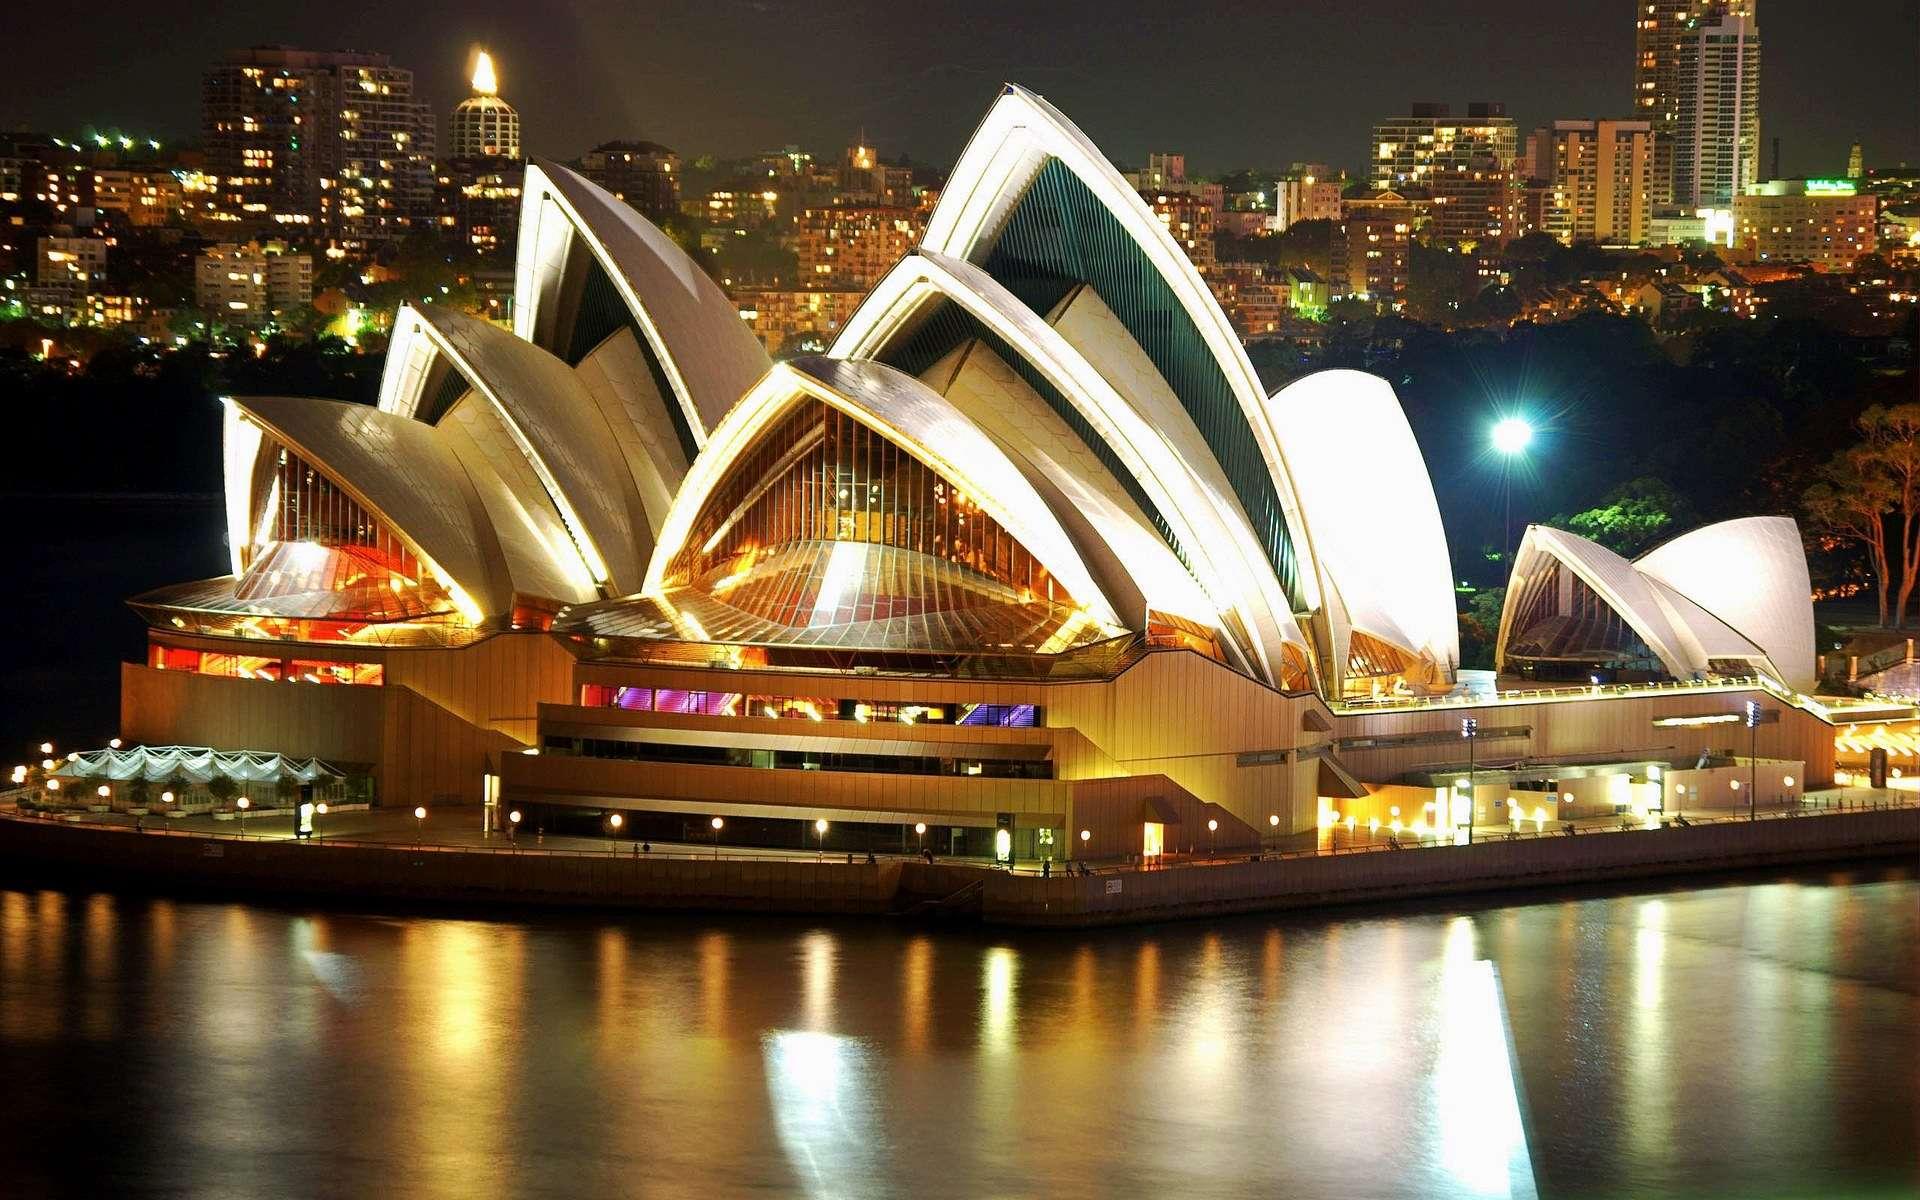 Hình ảnh rực rỡ về đêm của nhà hát Opera